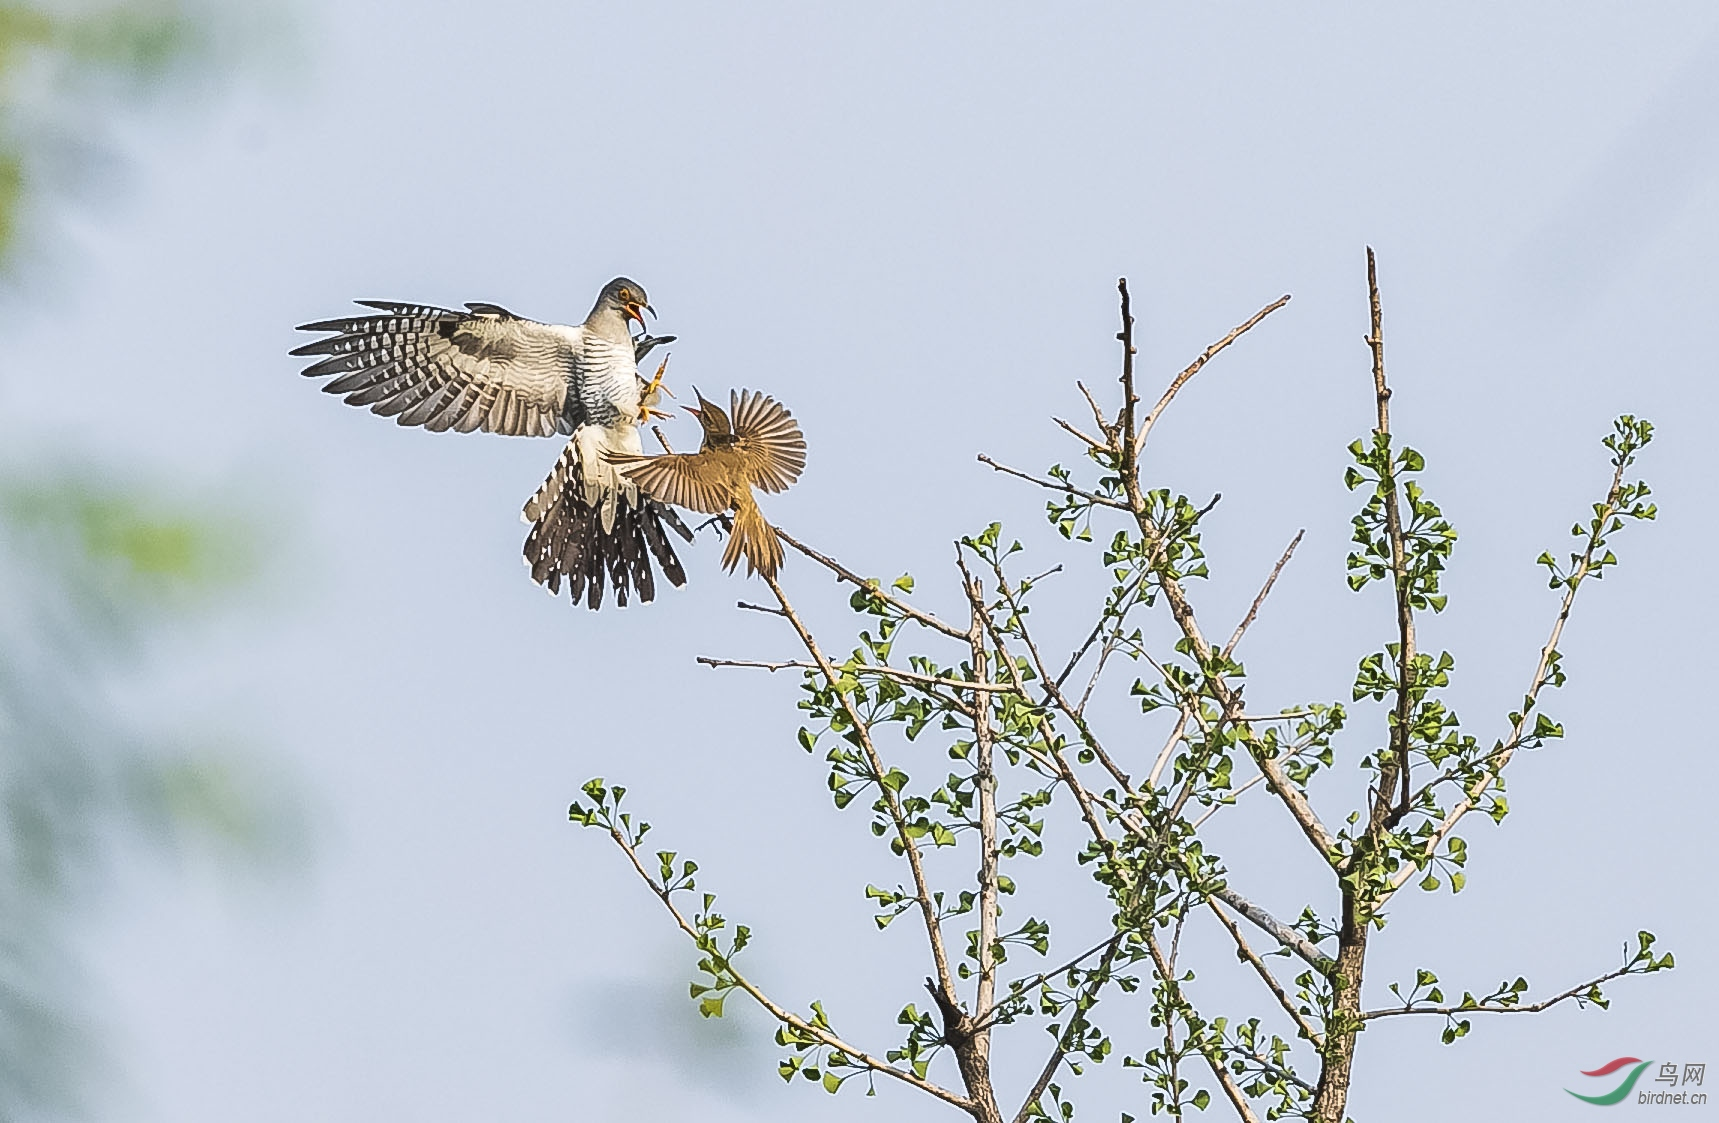 大尾莺不顾身小体弱,向杜鹃扑去,双方愤怒地对峙着。